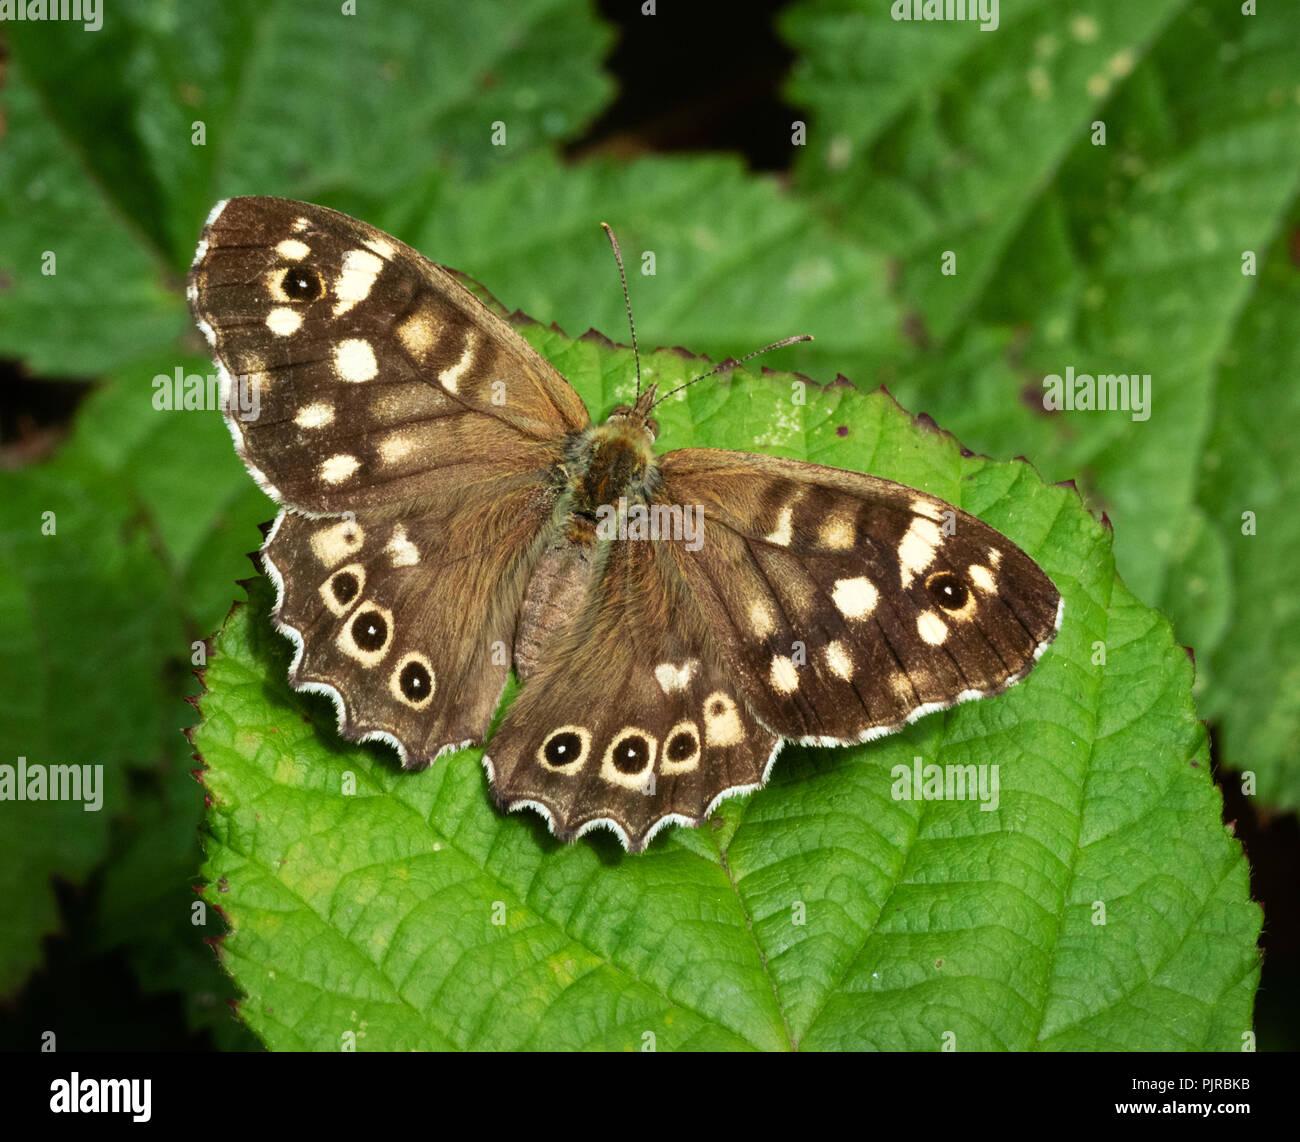 Imago del legno maculato butterfly Pararge aegiria a riposo sul Rovo foglie - marrone forma DEL REGNO UNITO Immagini Stock